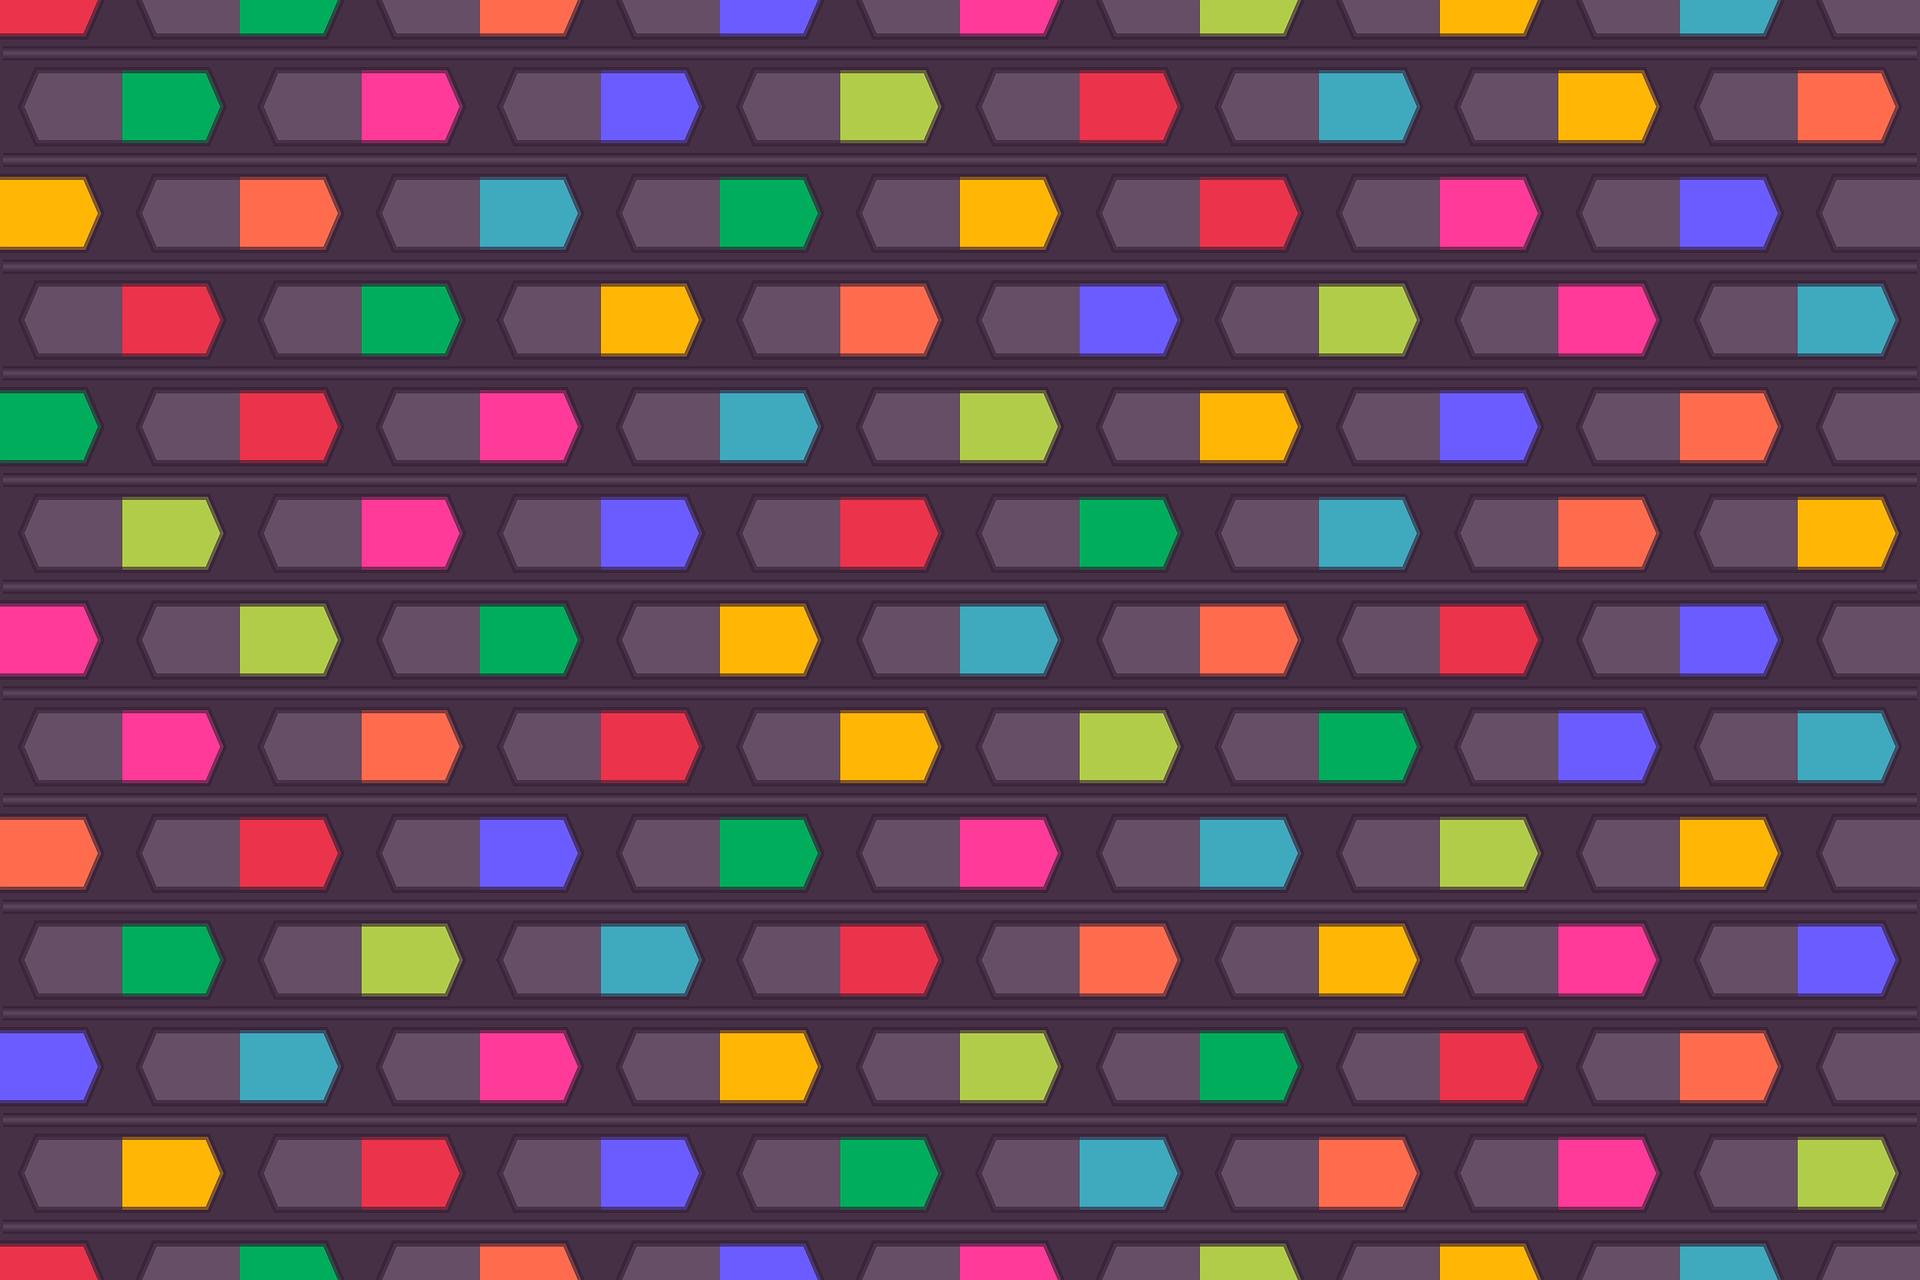 géométrie, couleurs, géométrique, Bleu, Jaune - Fonds d'écran HD - Professor-falken.com